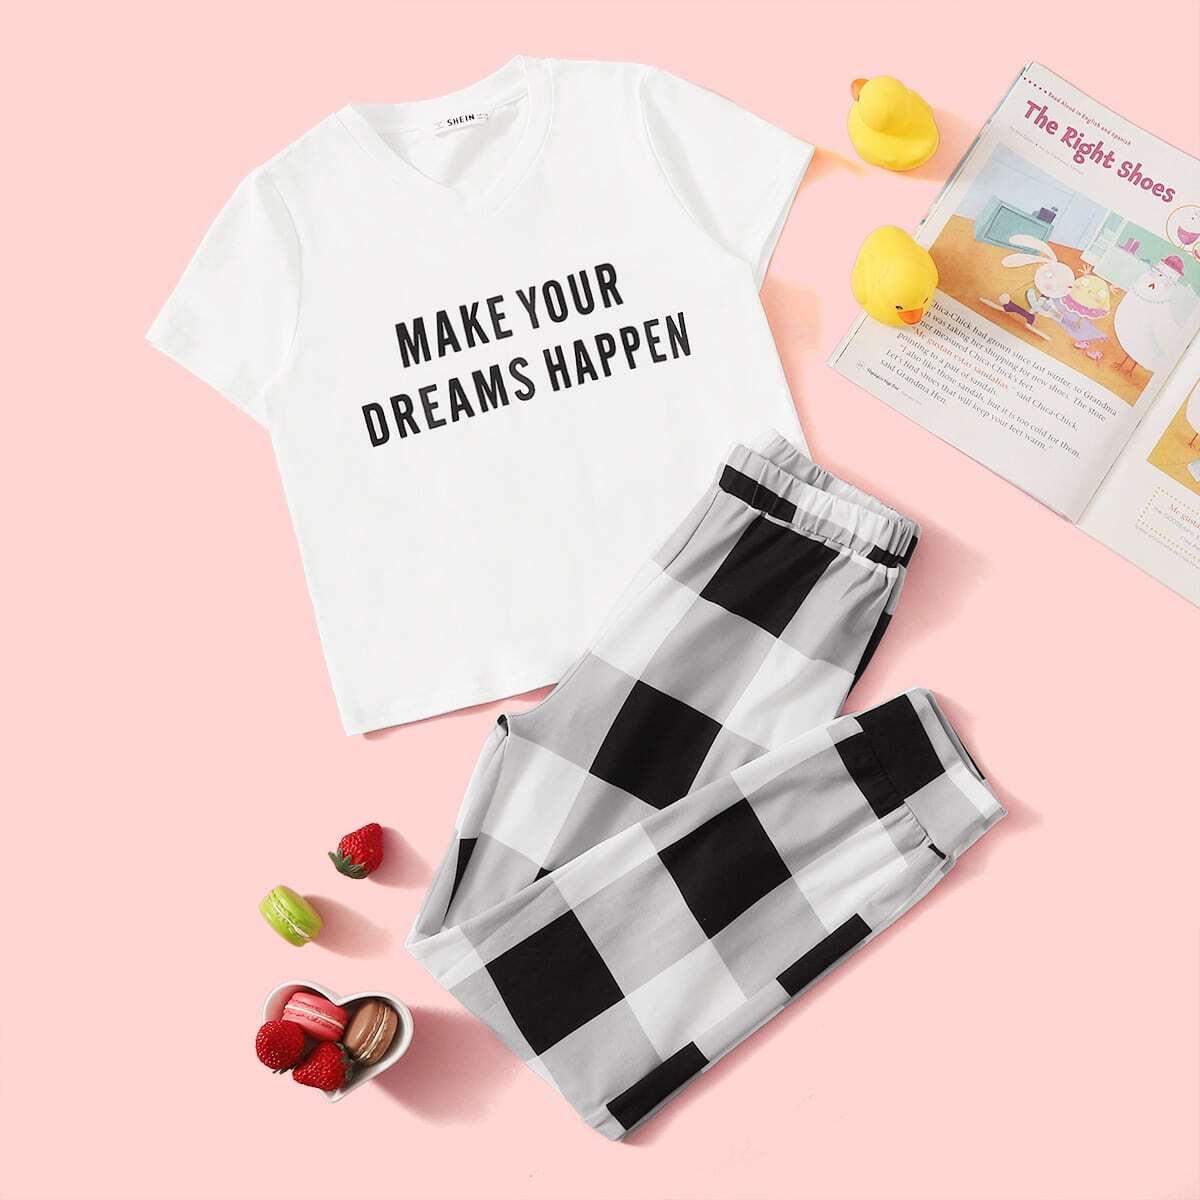 Пижама в клетку с текстовым принтом для девочек от SHEIN